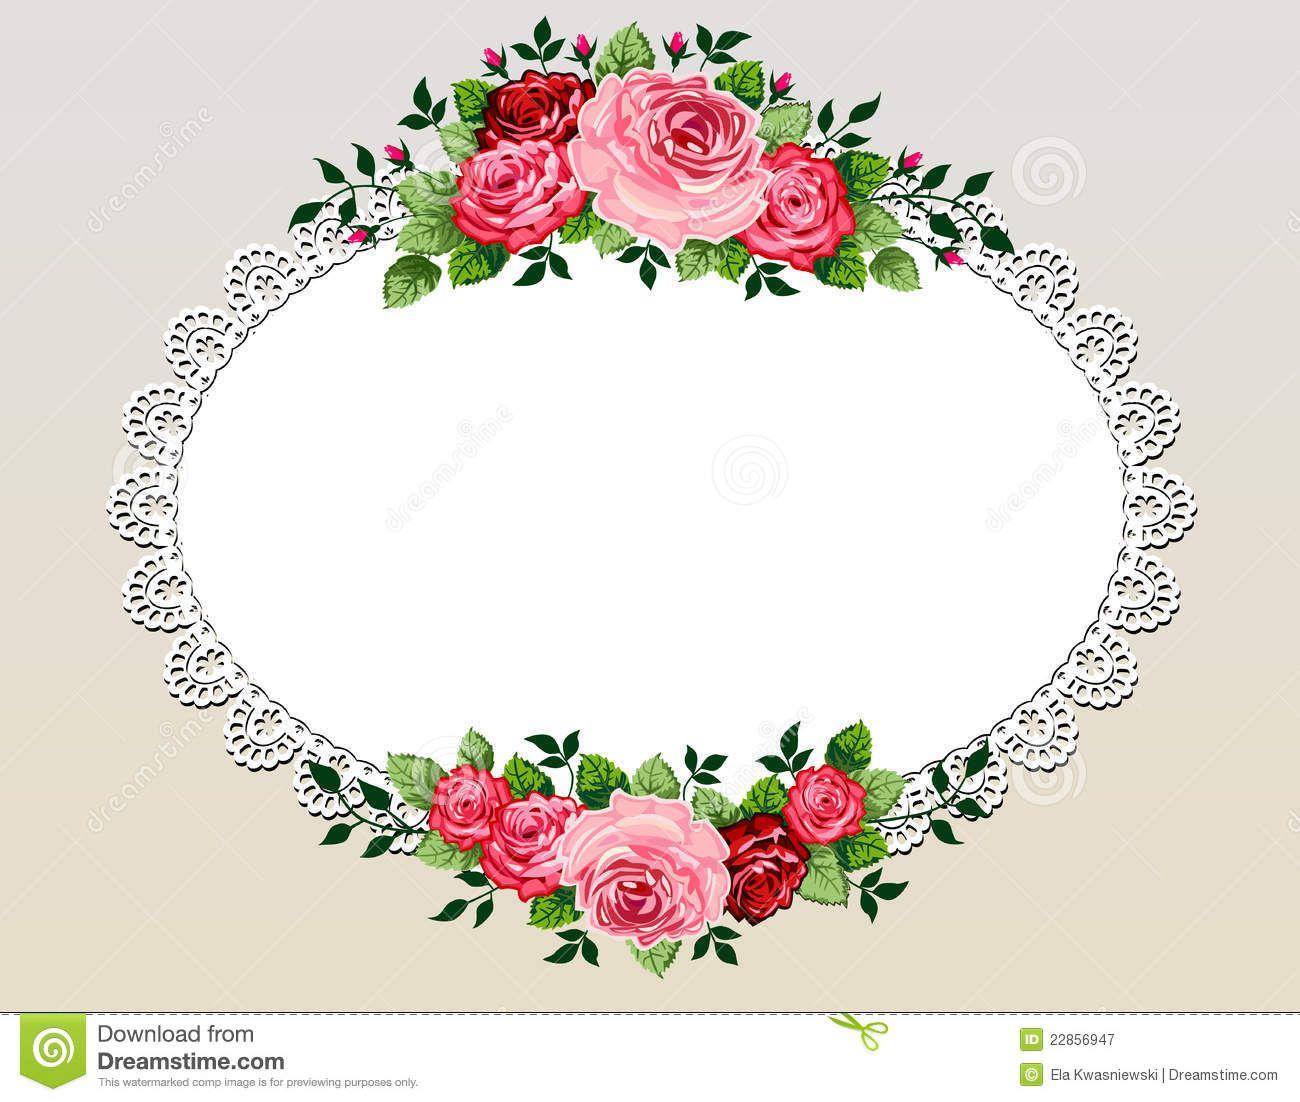 Vintage Roses Bouquet Frame Flower Illustration Flower Frame Vintage Rose Bouquet